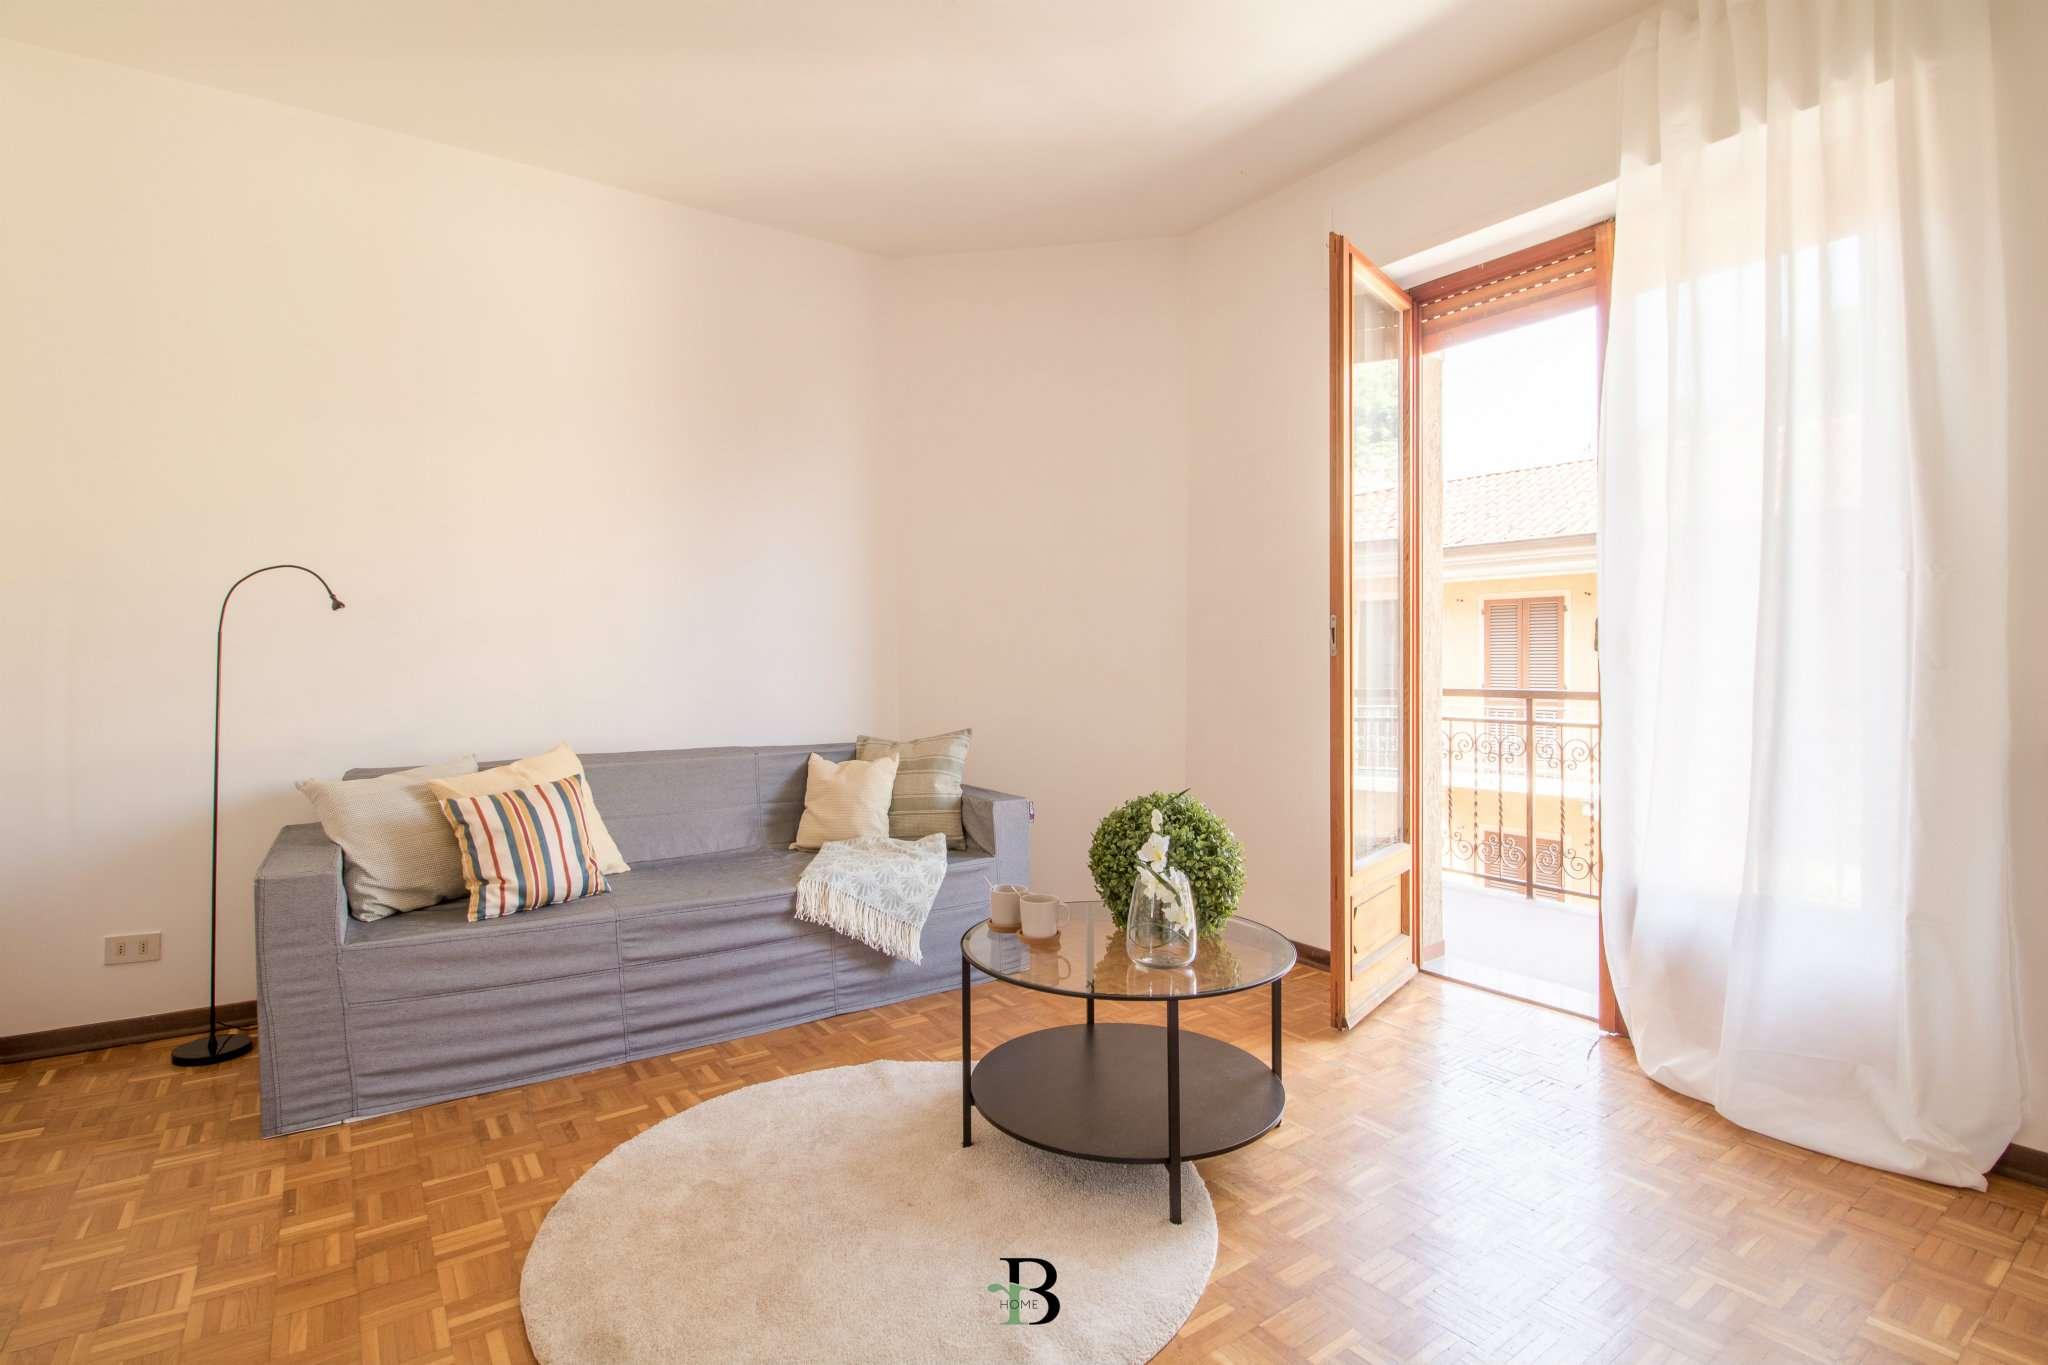 Appartamento in vendita a Caraglio, 5 locali, prezzo € 69.000 | PortaleAgenzieImmobiliari.it